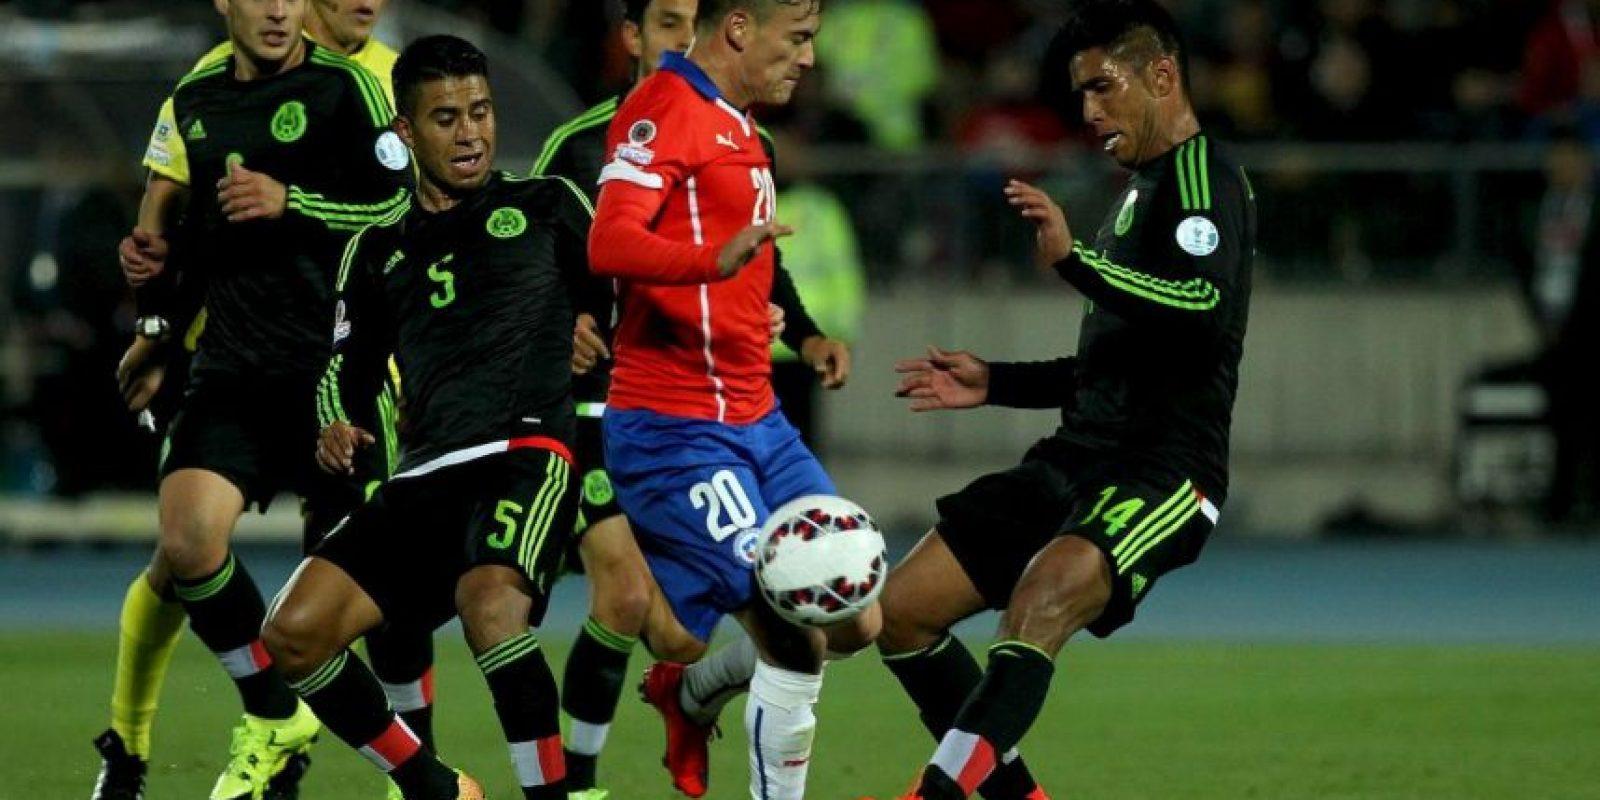 El resultado fue un empate 3-3 que no dejó contenta a ninguna selección. Foto:Vía facebook.com/SeleccionChilena